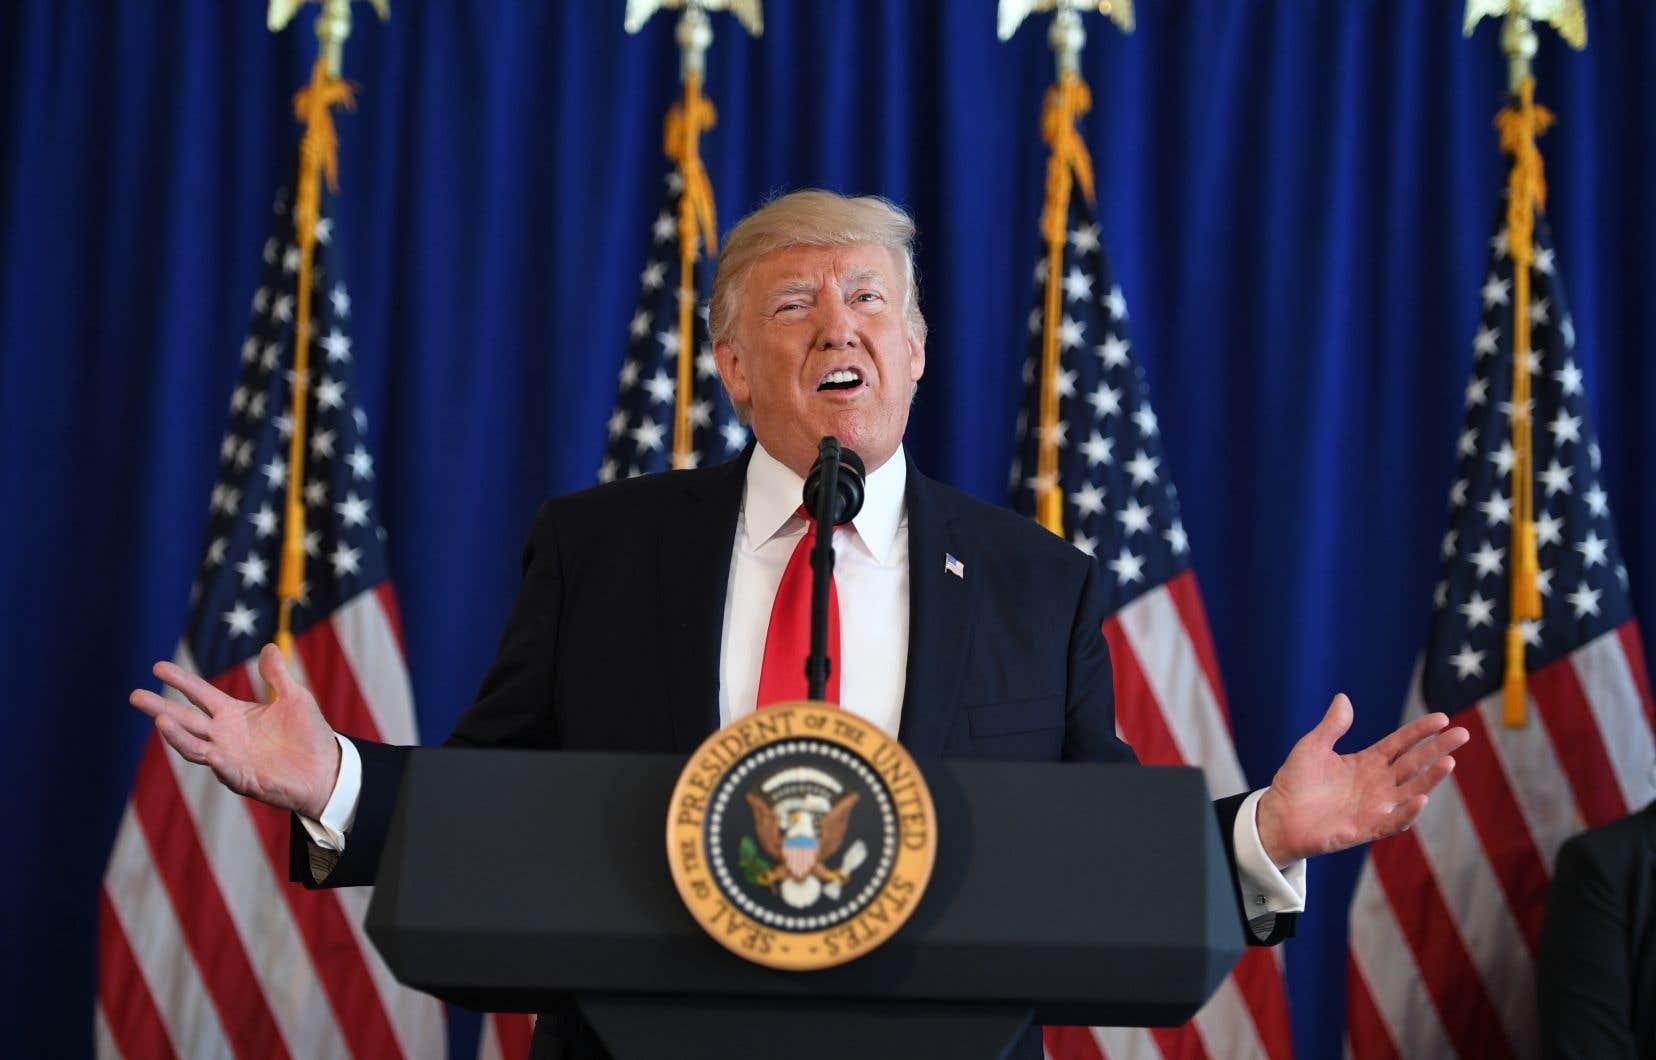 Le président américain, Donald Trump, s'était adressé à la presse à la suite des manifestations de Charlottesville au Trump National Golf Club à Bedminster, dans le New Jersey, le 12 août 2017.